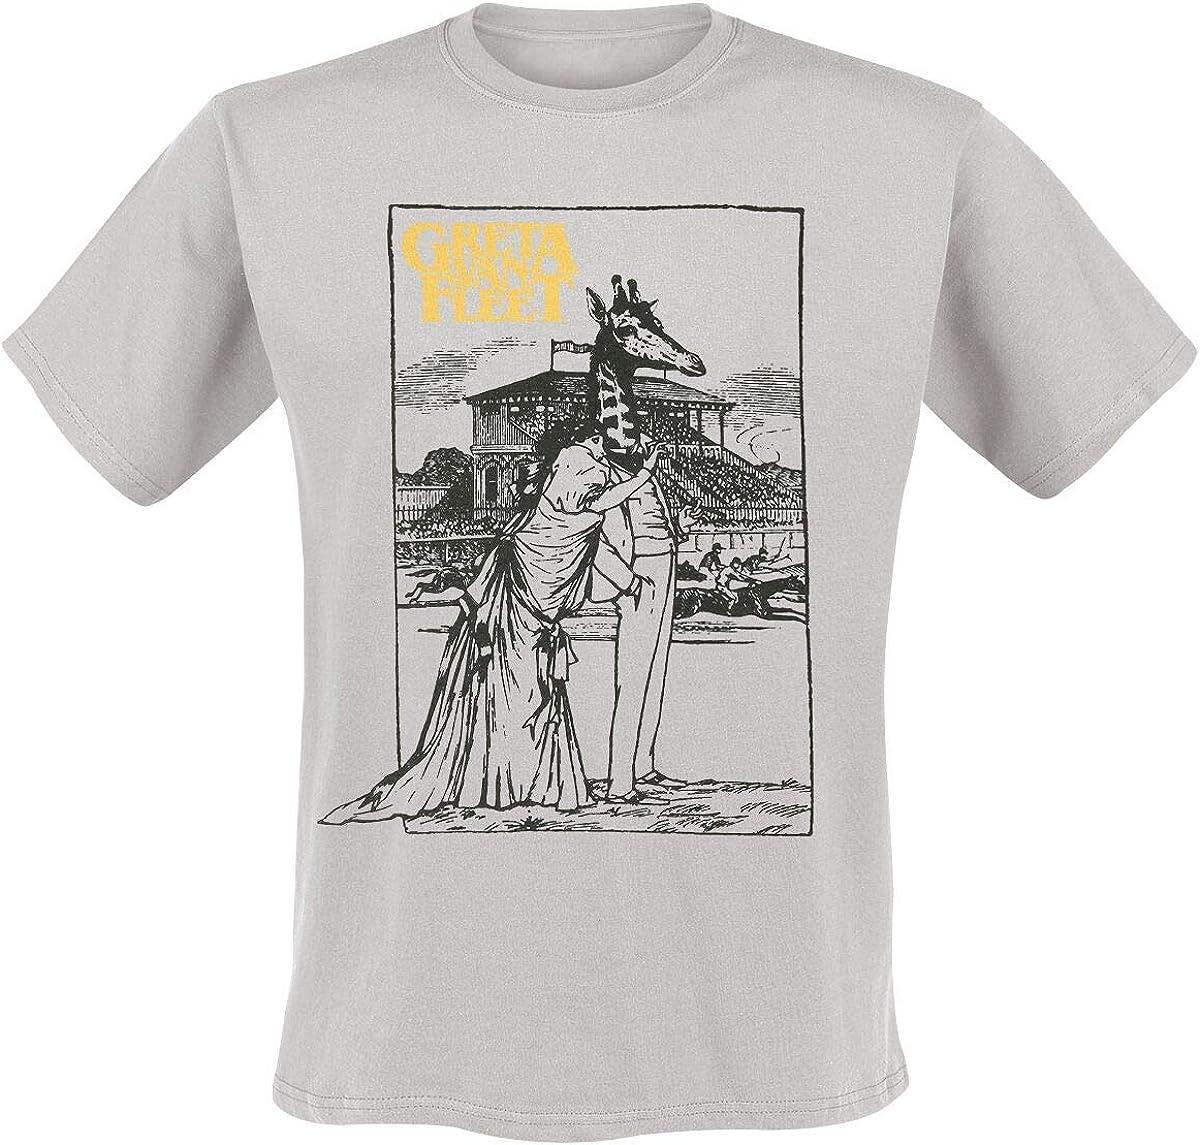 Greta Van Fleet Giraffe Hombre Camiseta Gris Claro, Regular: Amazon.es: Ropa y accesorios